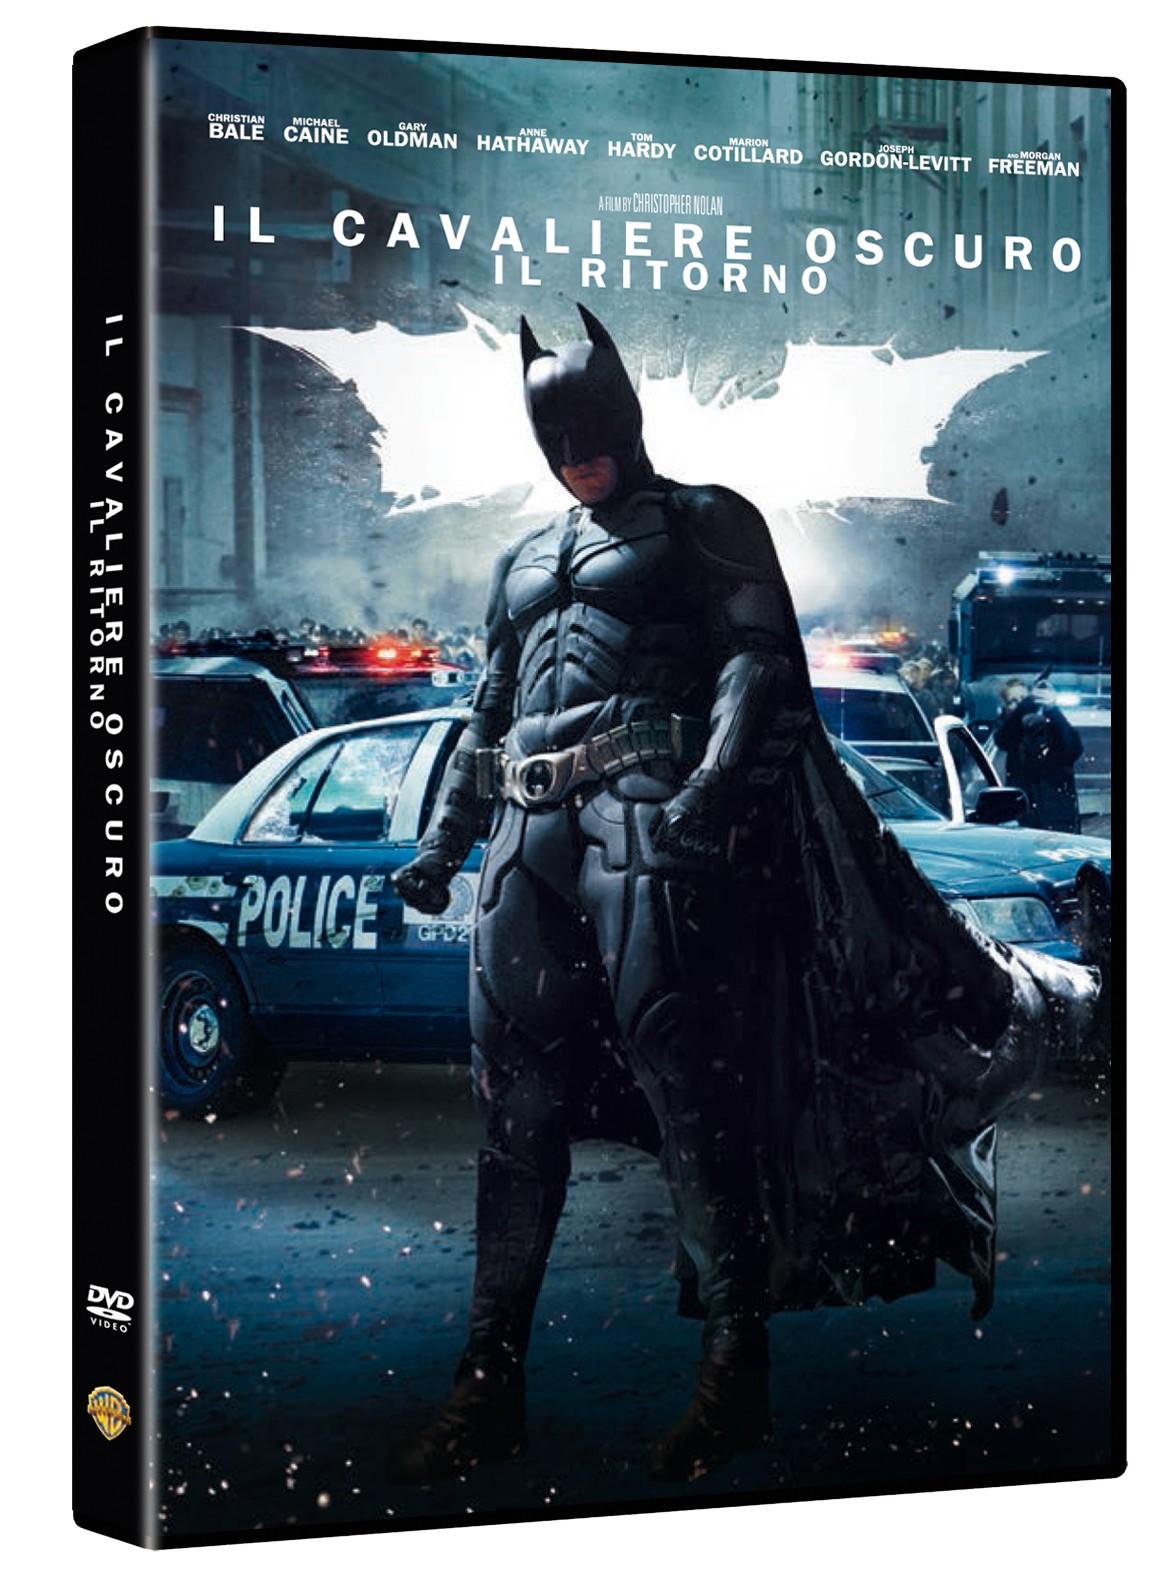 Cavaliere oscuro ritorno dvd limited